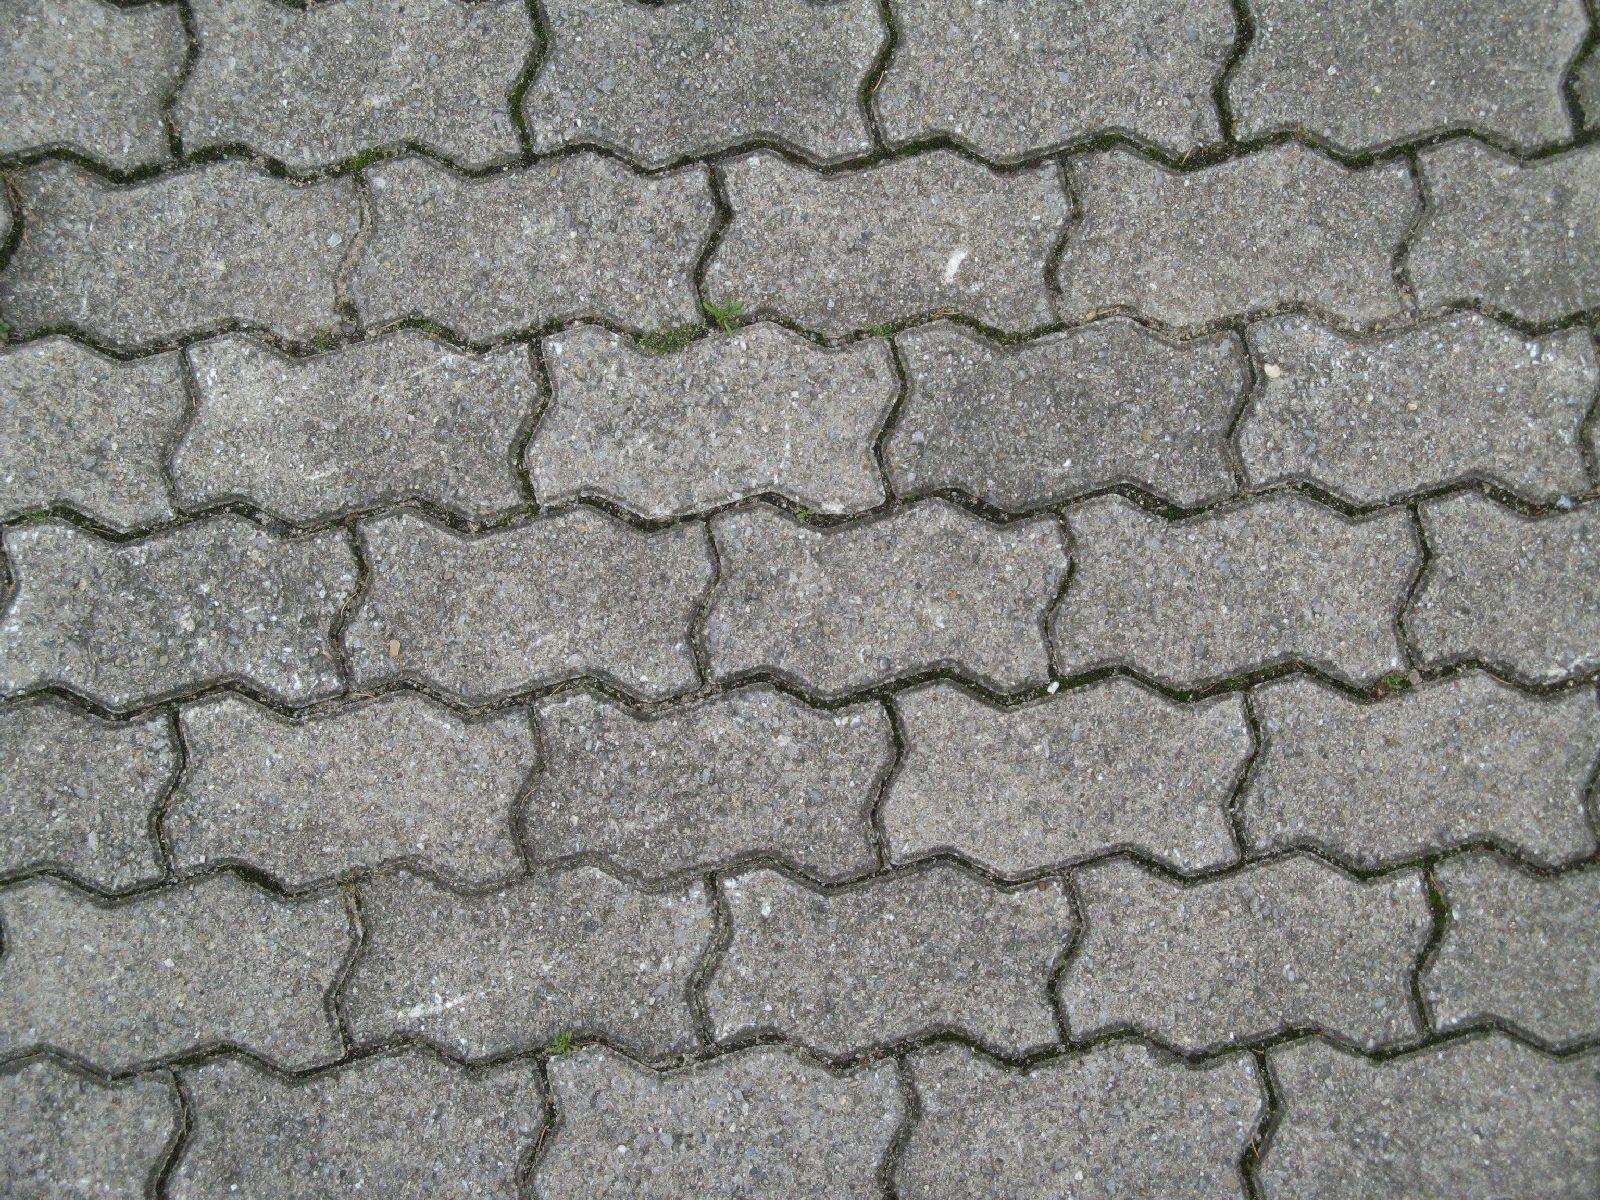 Boden-Gehweg-Strasse-Buergersteig-Textur_B_0558